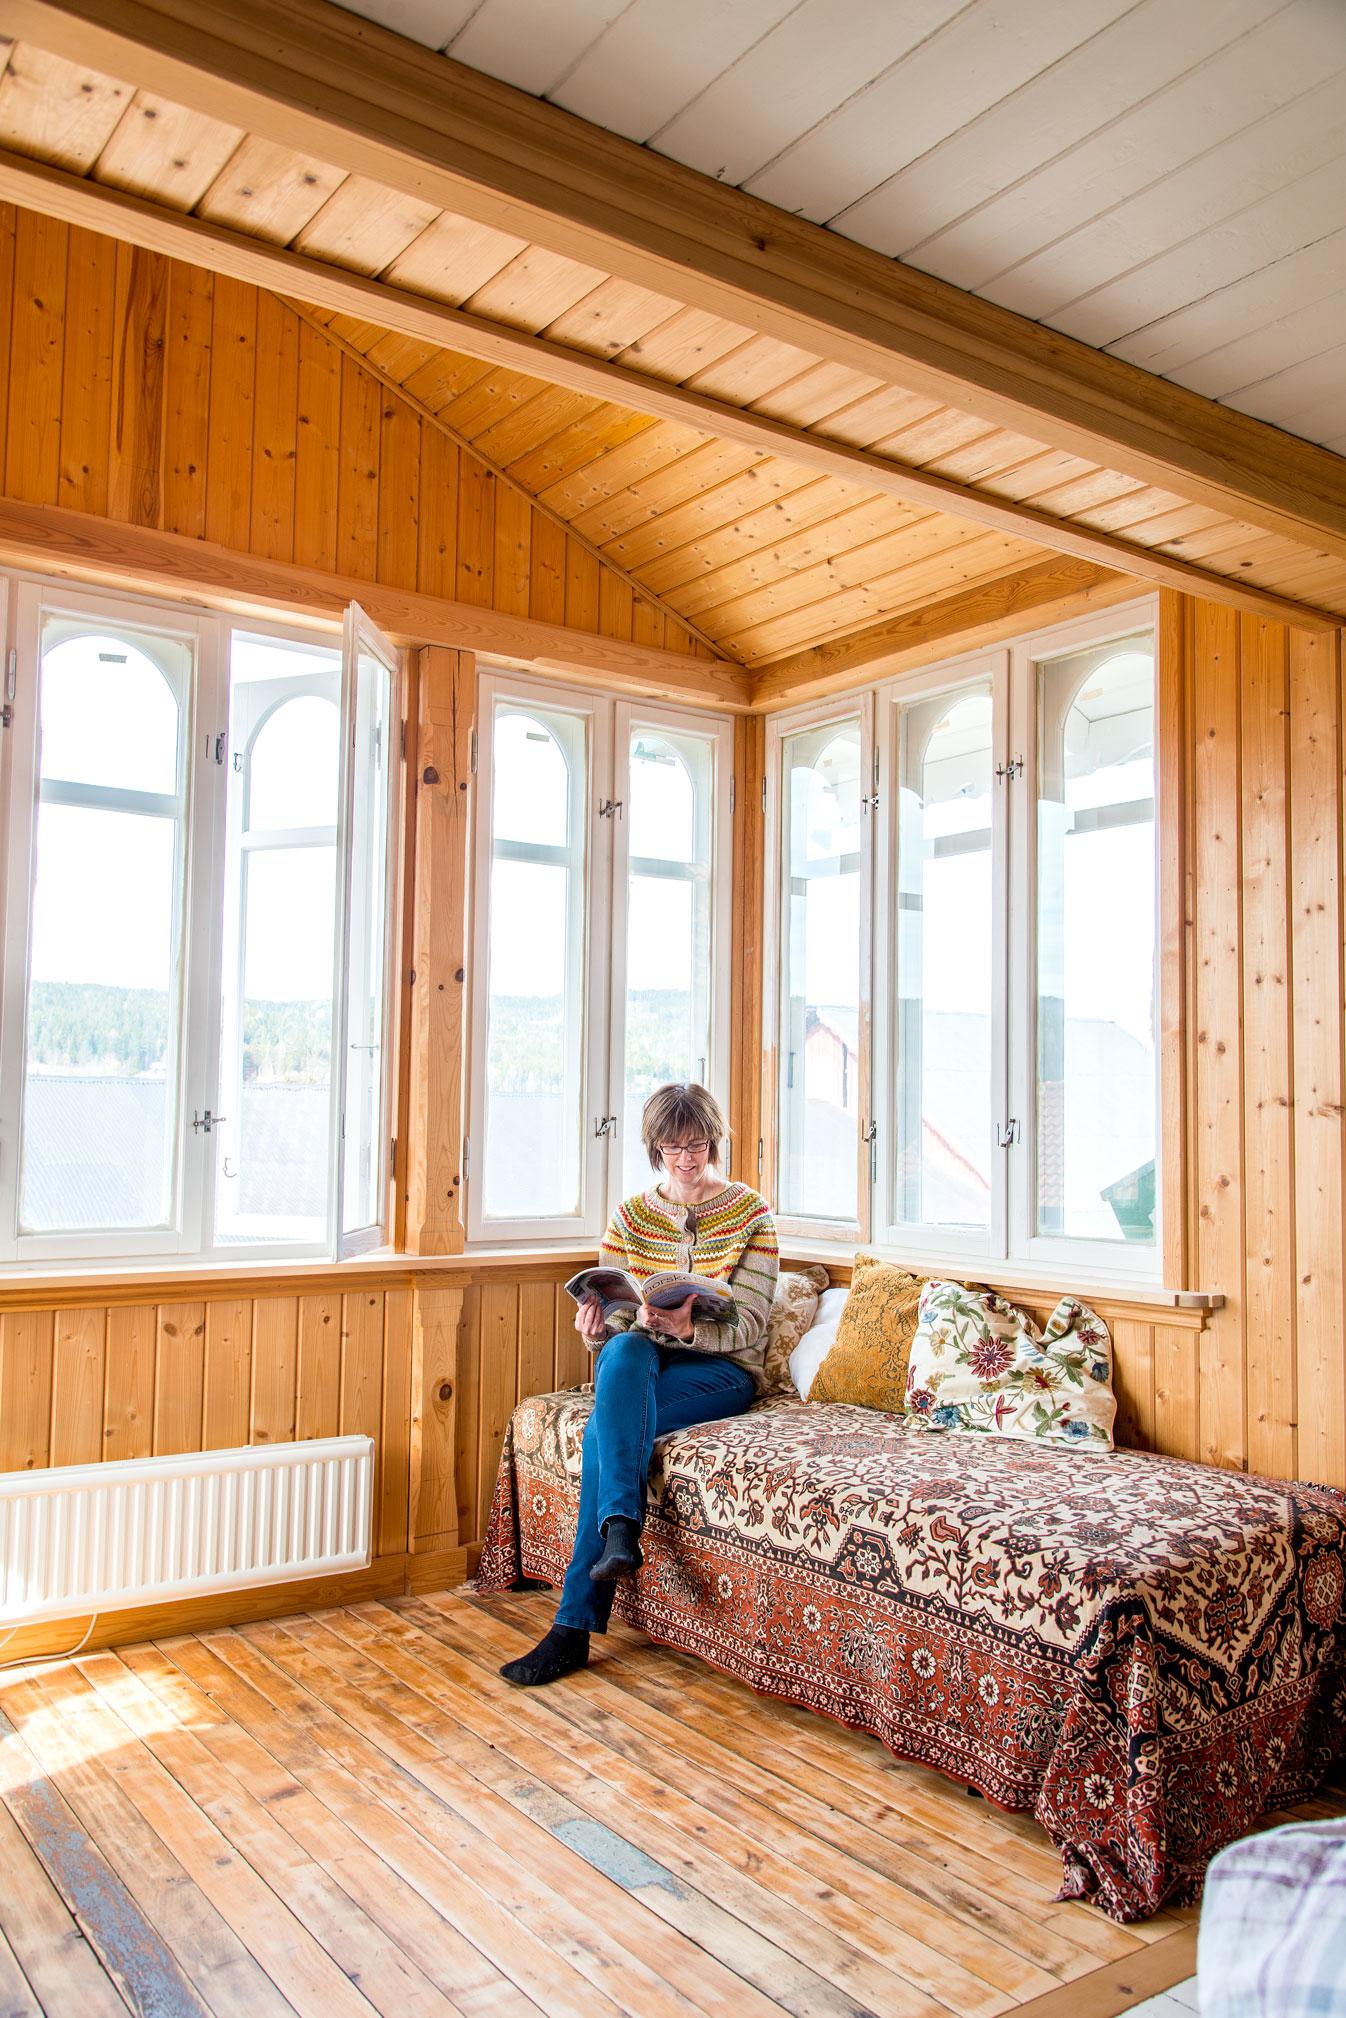 Soverommet var lite, trangt og mørkt med kun et vindu. Guro ser nå fram til å male og innrede det lyse og luftige rommet.